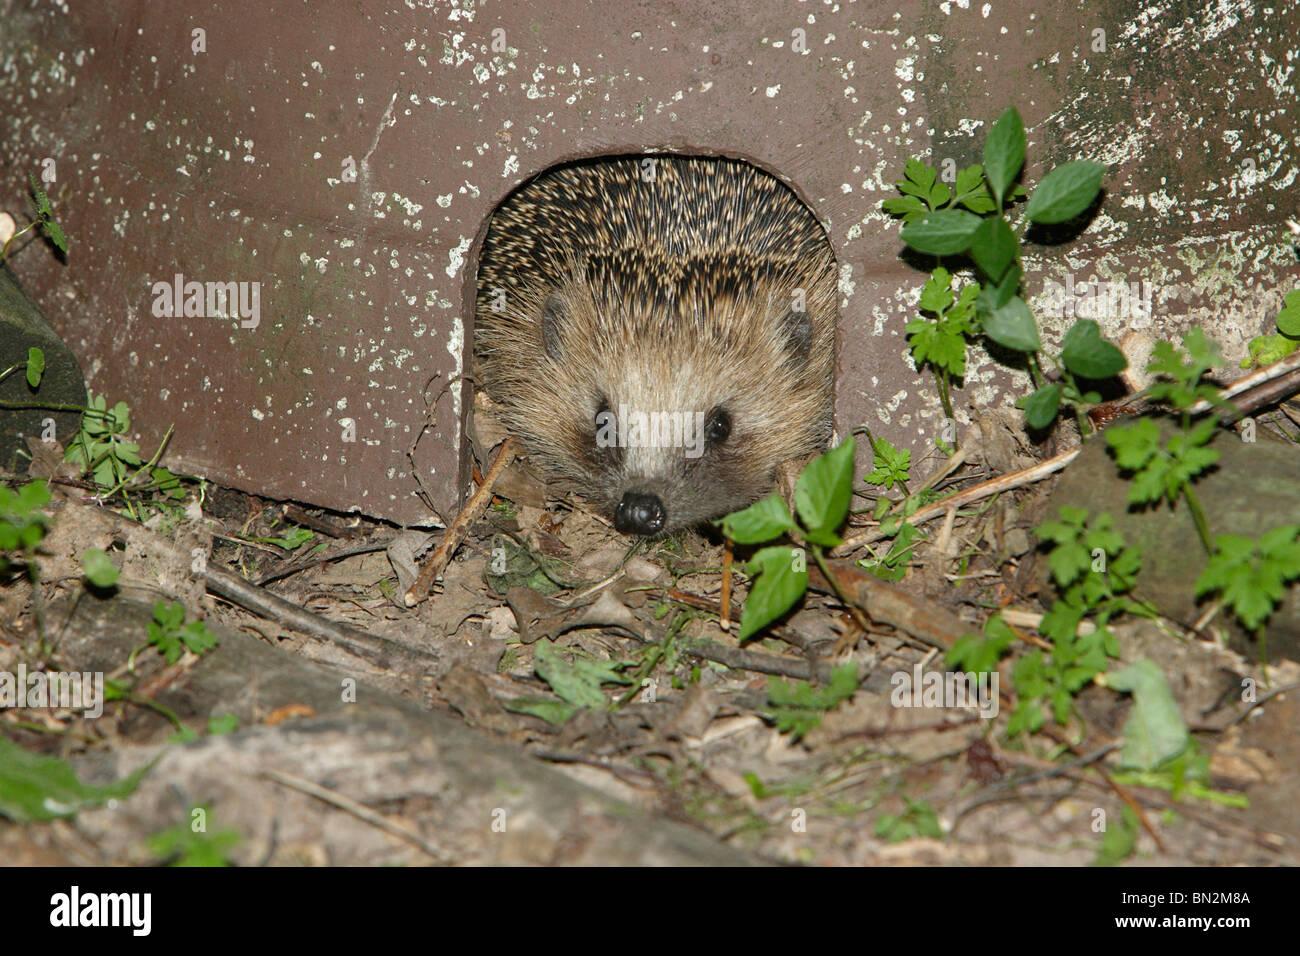 European Hedgehog (Erinaceus europaeus), peering out of artificial shelter, in garden - Stock Image